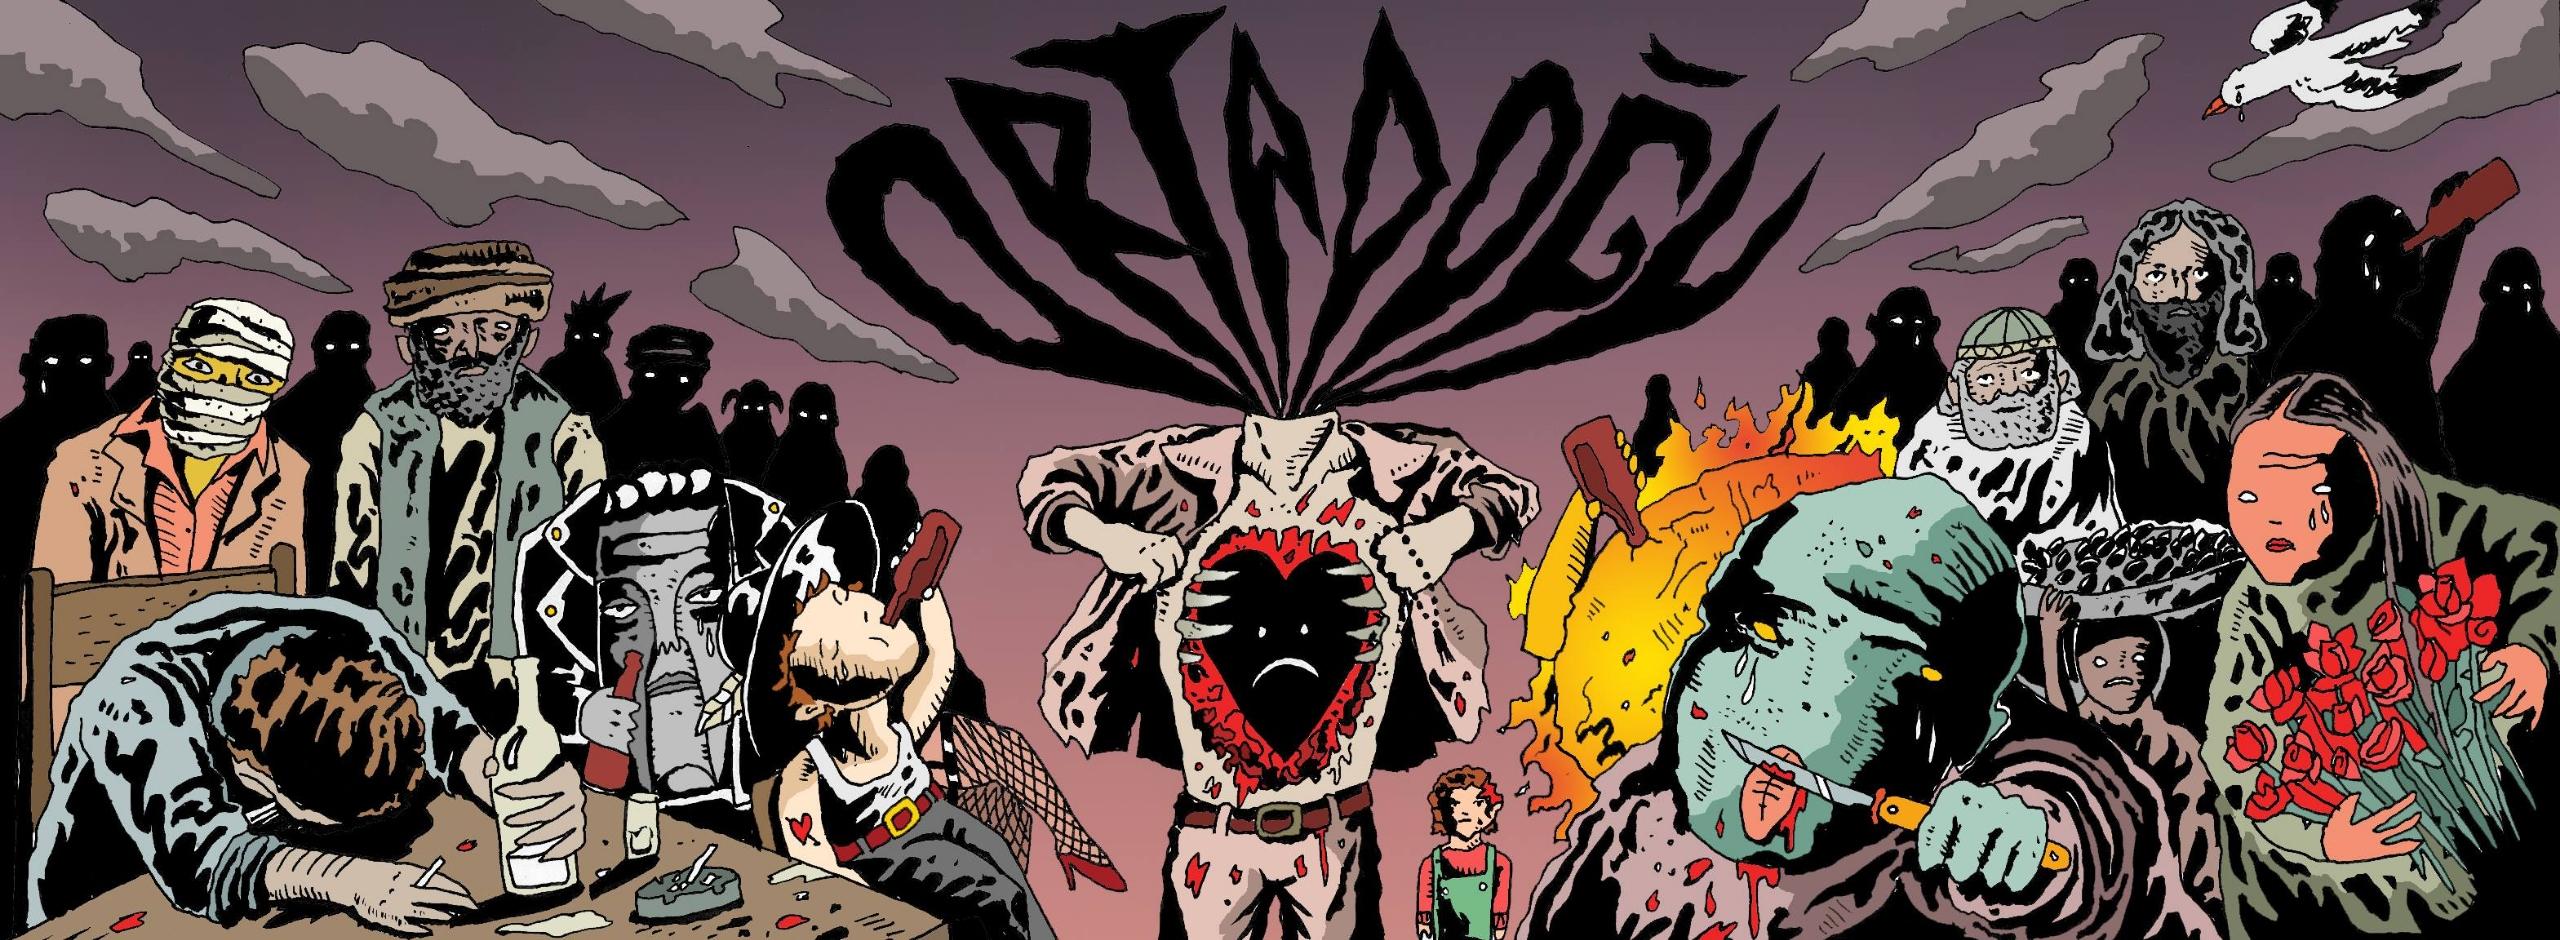 Ortadogu (@ortadogu) Cover Image